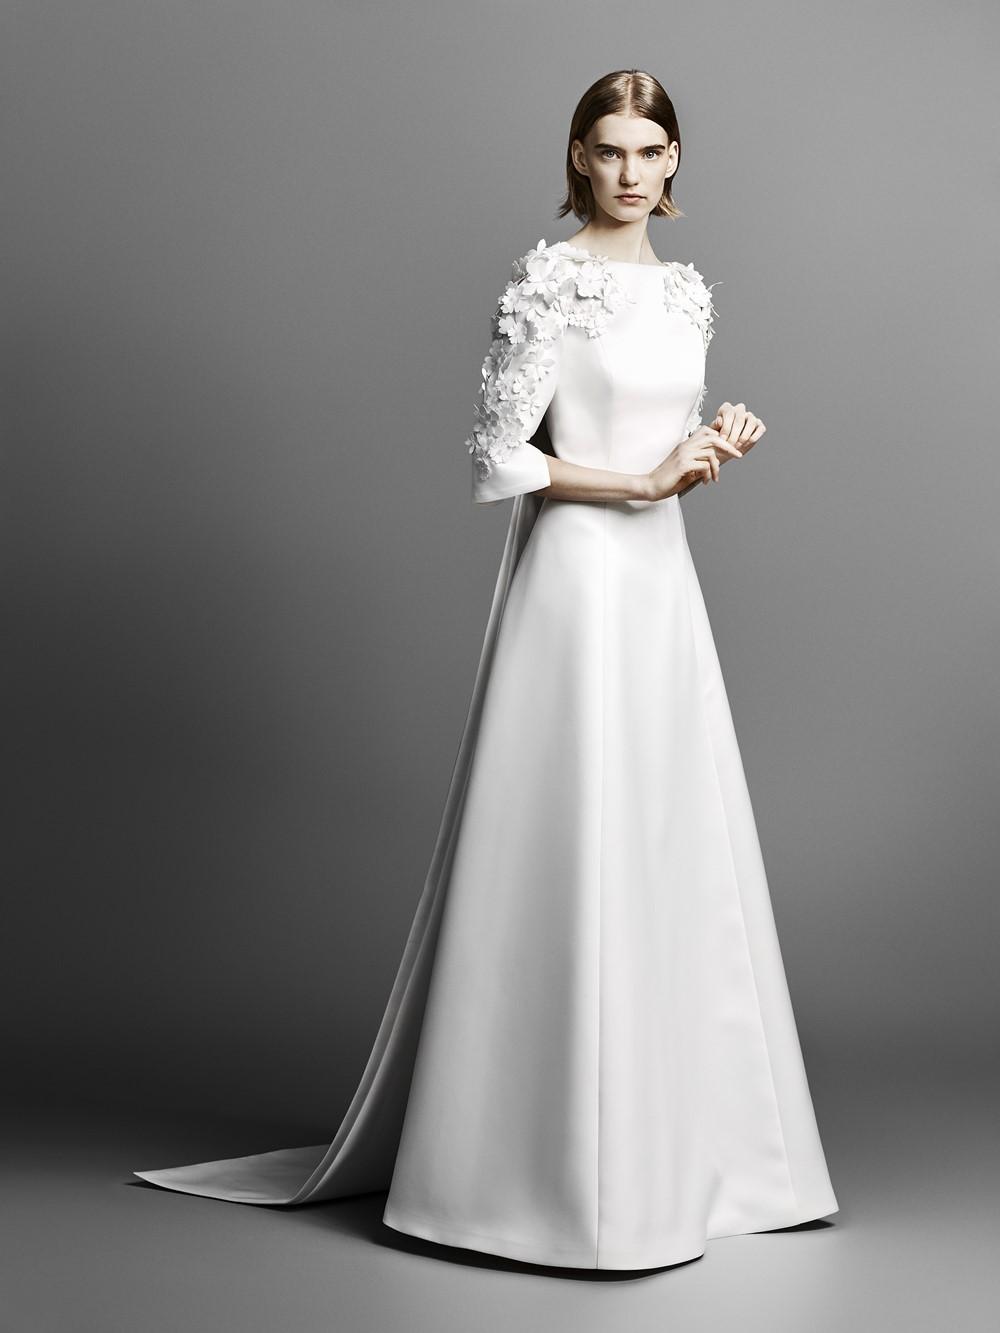 2019 Bridal Trends - Regal Viktor & Rolf